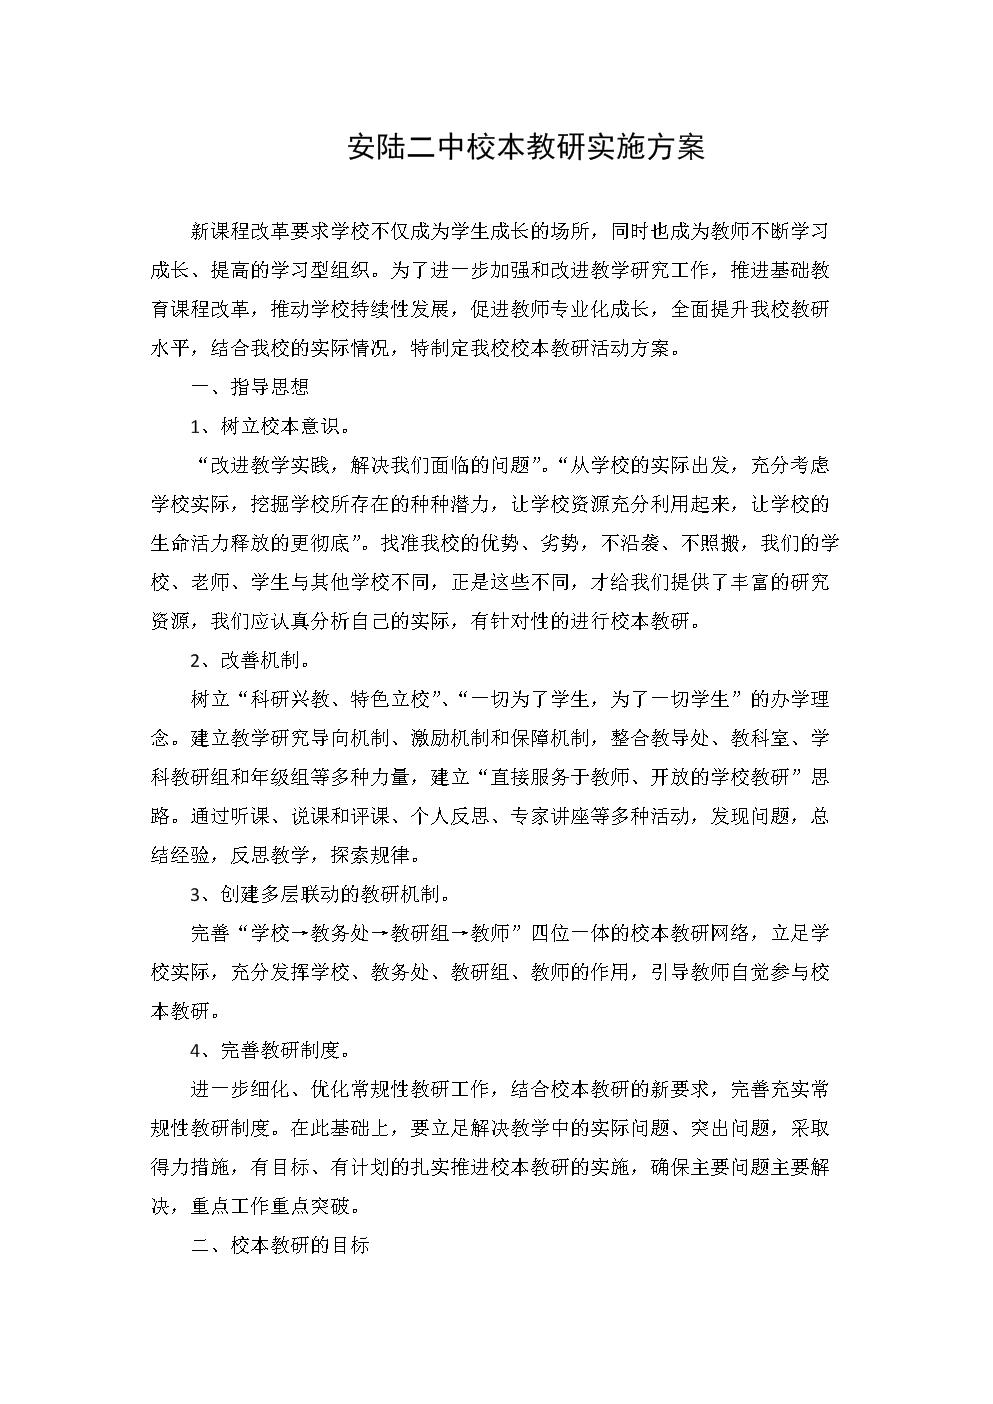 安陆市第二高级中学校本教研方案.doc